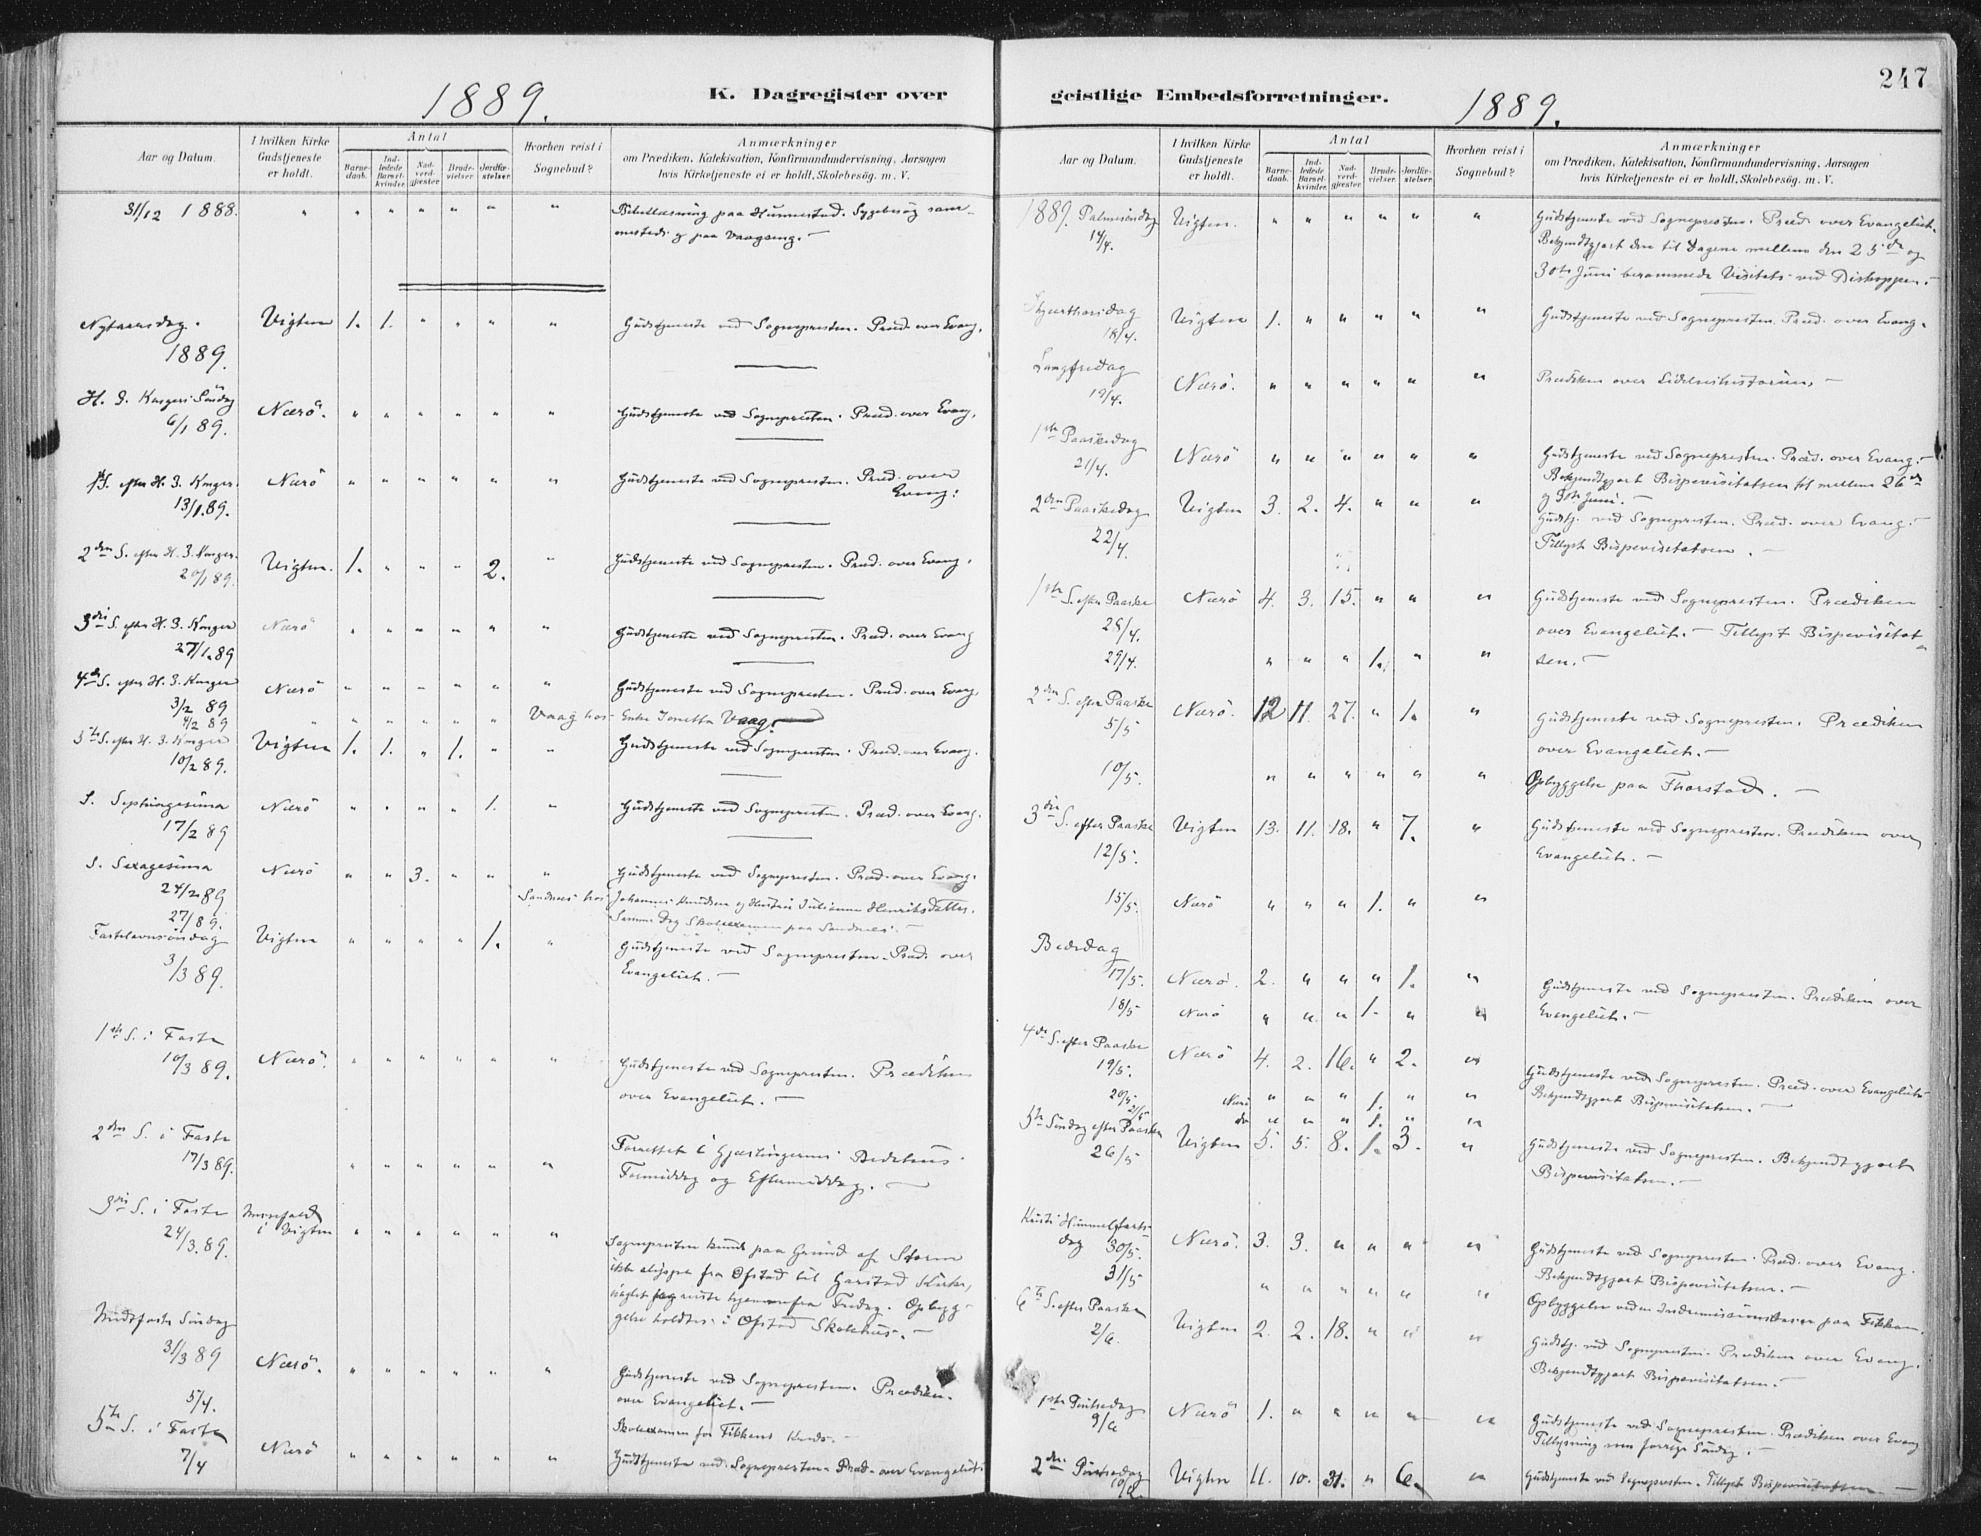 SAT, Ministerialprotokoller, klokkerbøker og fødselsregistre - Nord-Trøndelag, 784/L0673: Ministerialbok nr. 784A08, 1888-1899, s. 247